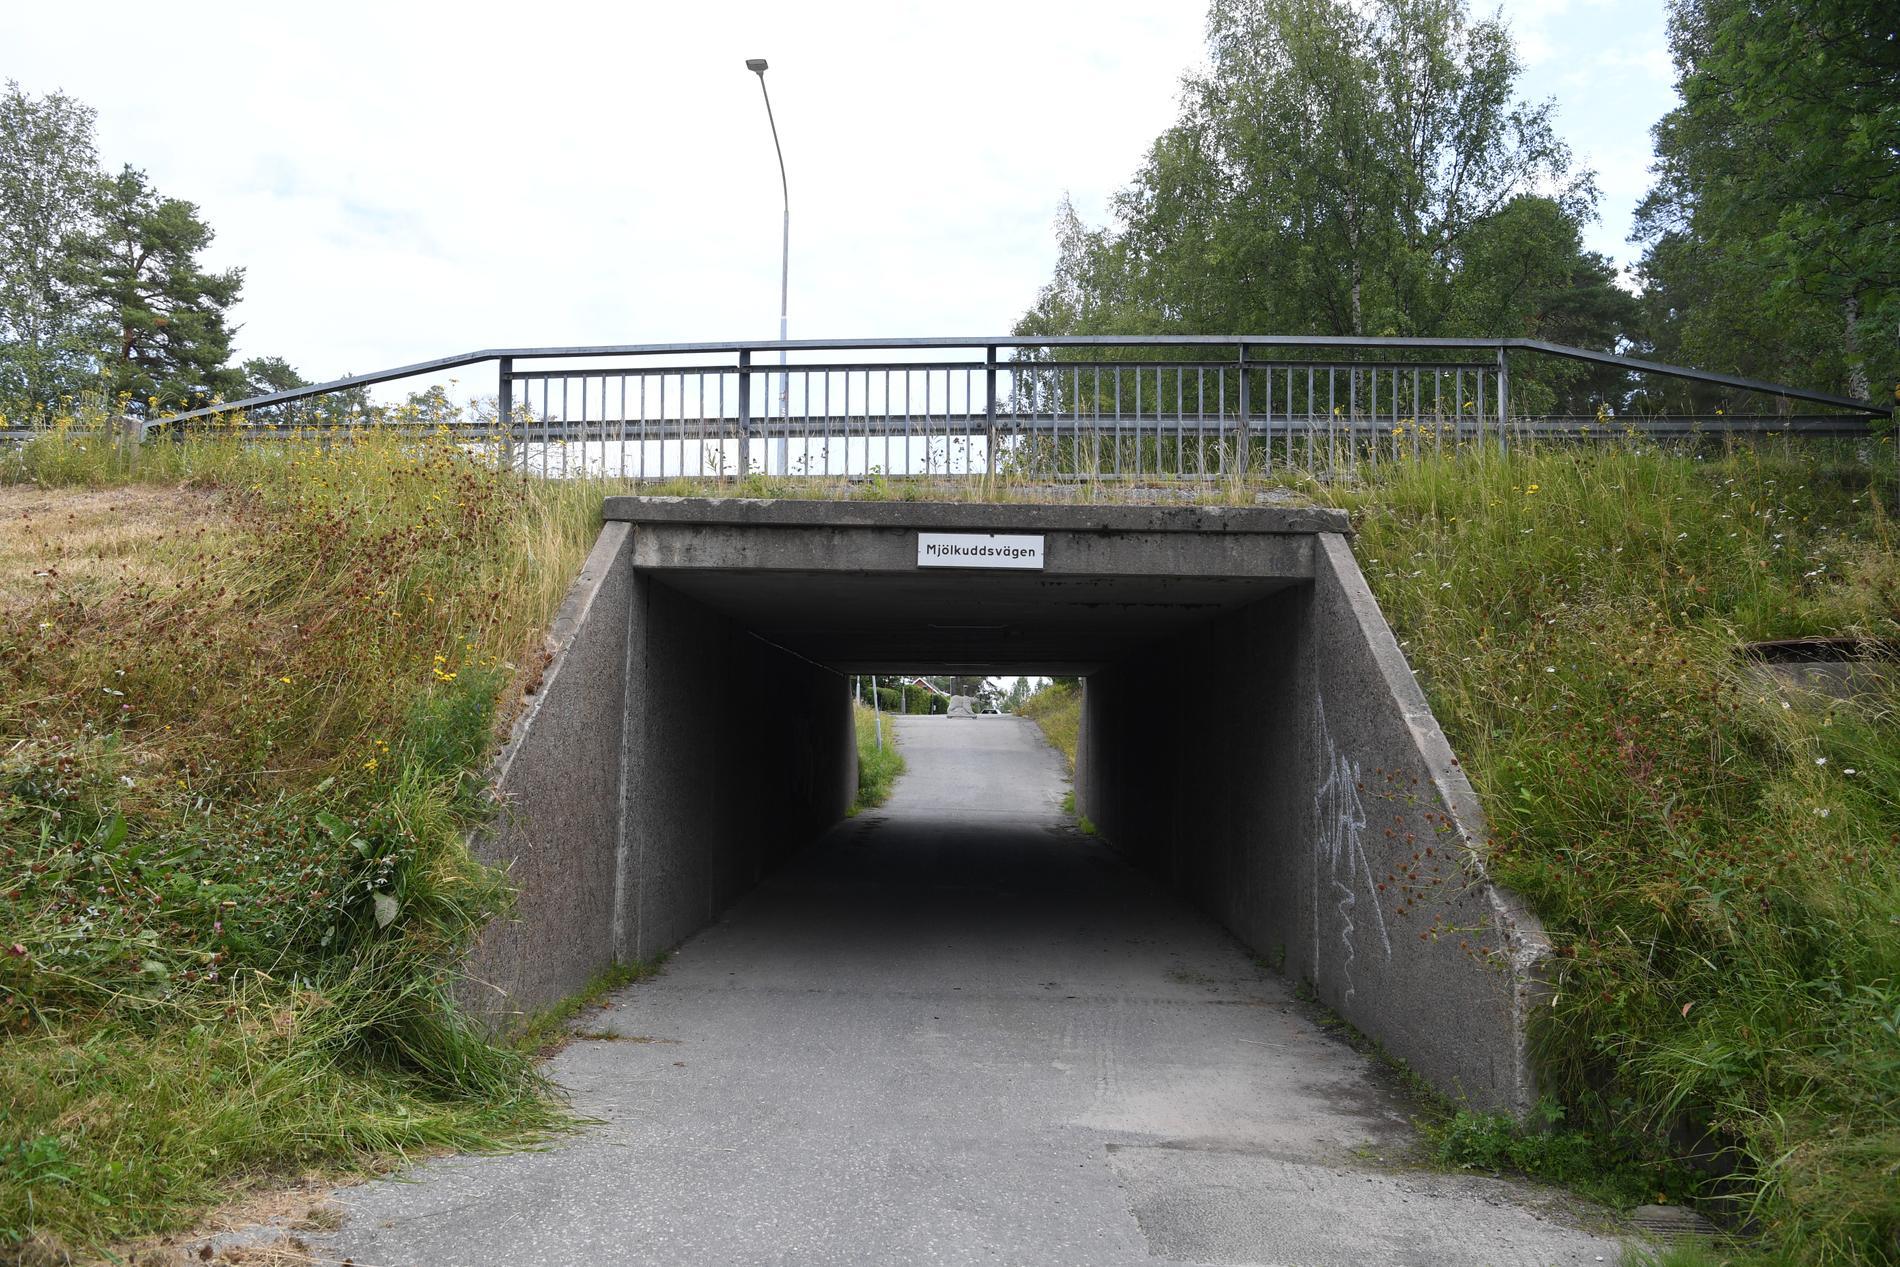 Enligt uppgifter till Aftonbladet har polisen hittat en pistol i en gångtunnel ungefär 100 meter från brottsplatsen.